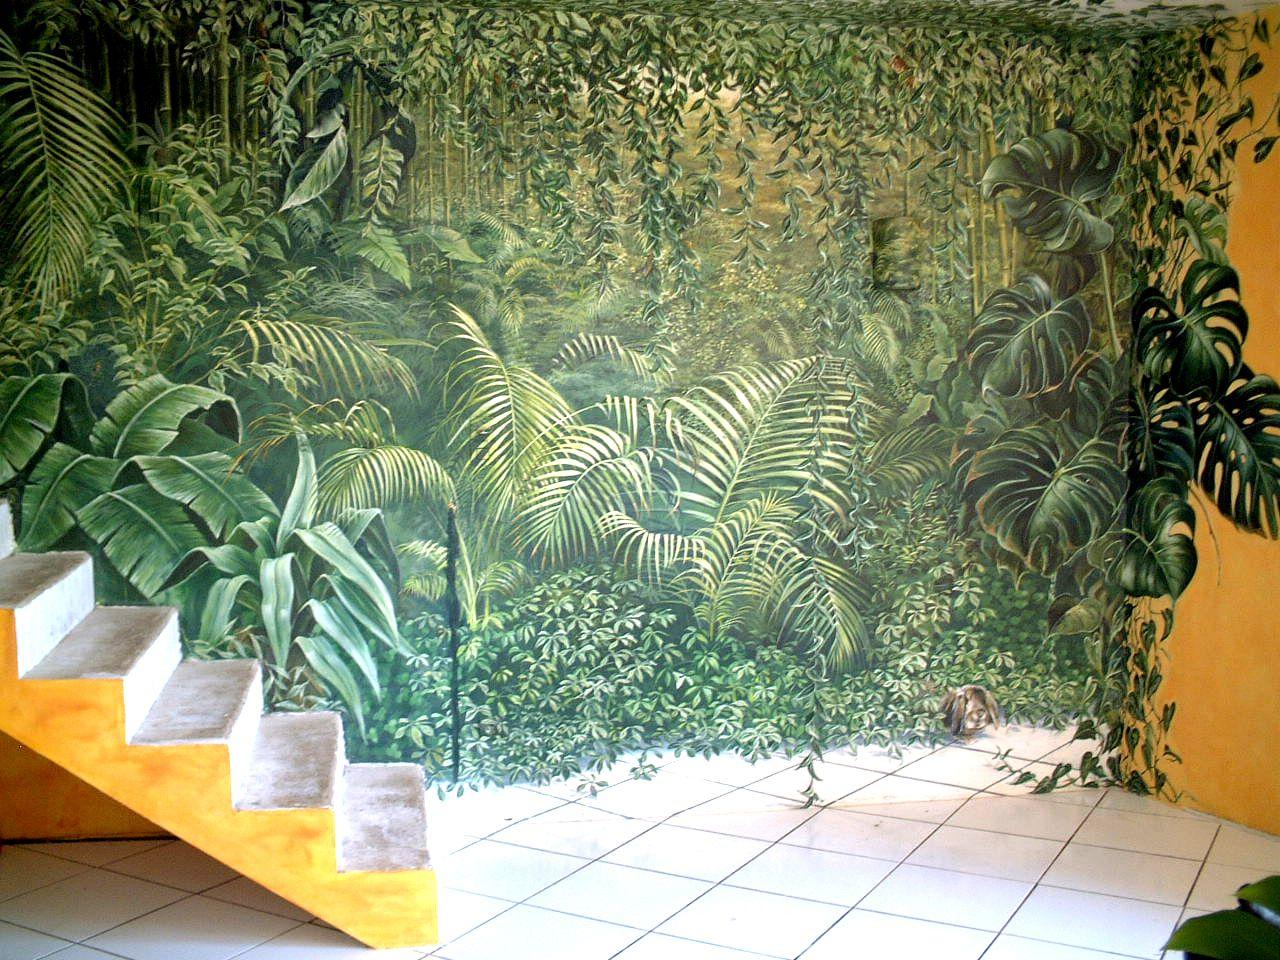 Déco Intérieur Jungle Fresque En Trompe Loeil Réalisée Pour Un